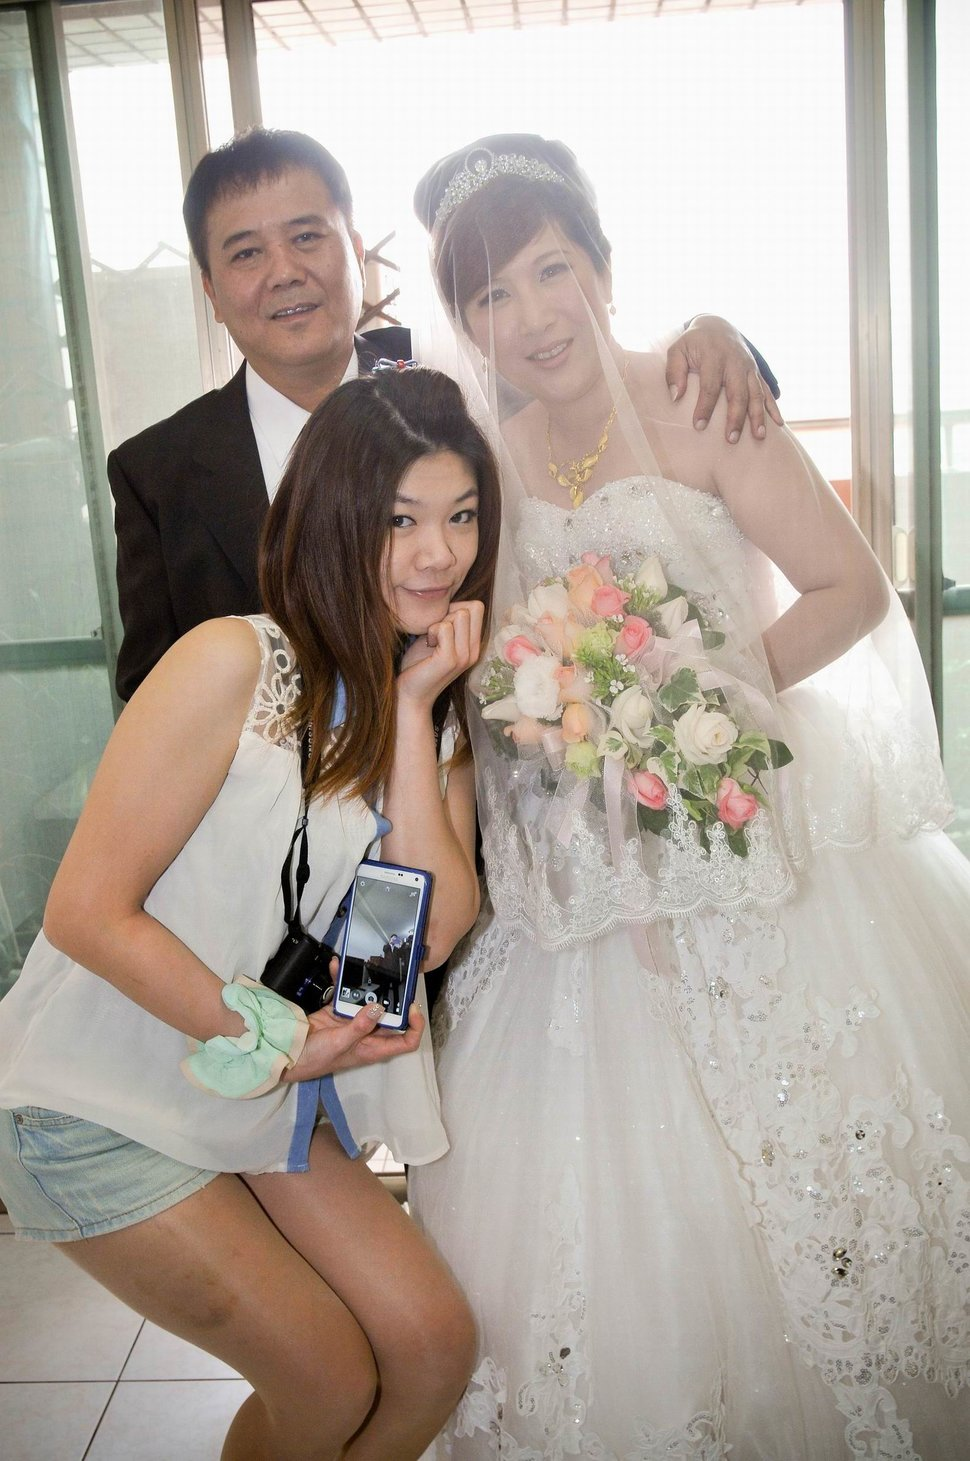 專業婚攝婚禮紀錄婚禮紀錄專業錄影婚禮錄影婚禮記錄動態微電影錄影專業錄影平面攝影婚攝婚禮主持人(編號:280479) - 蜜月拍照10800錄影12800攝影團隊 - 結婚吧